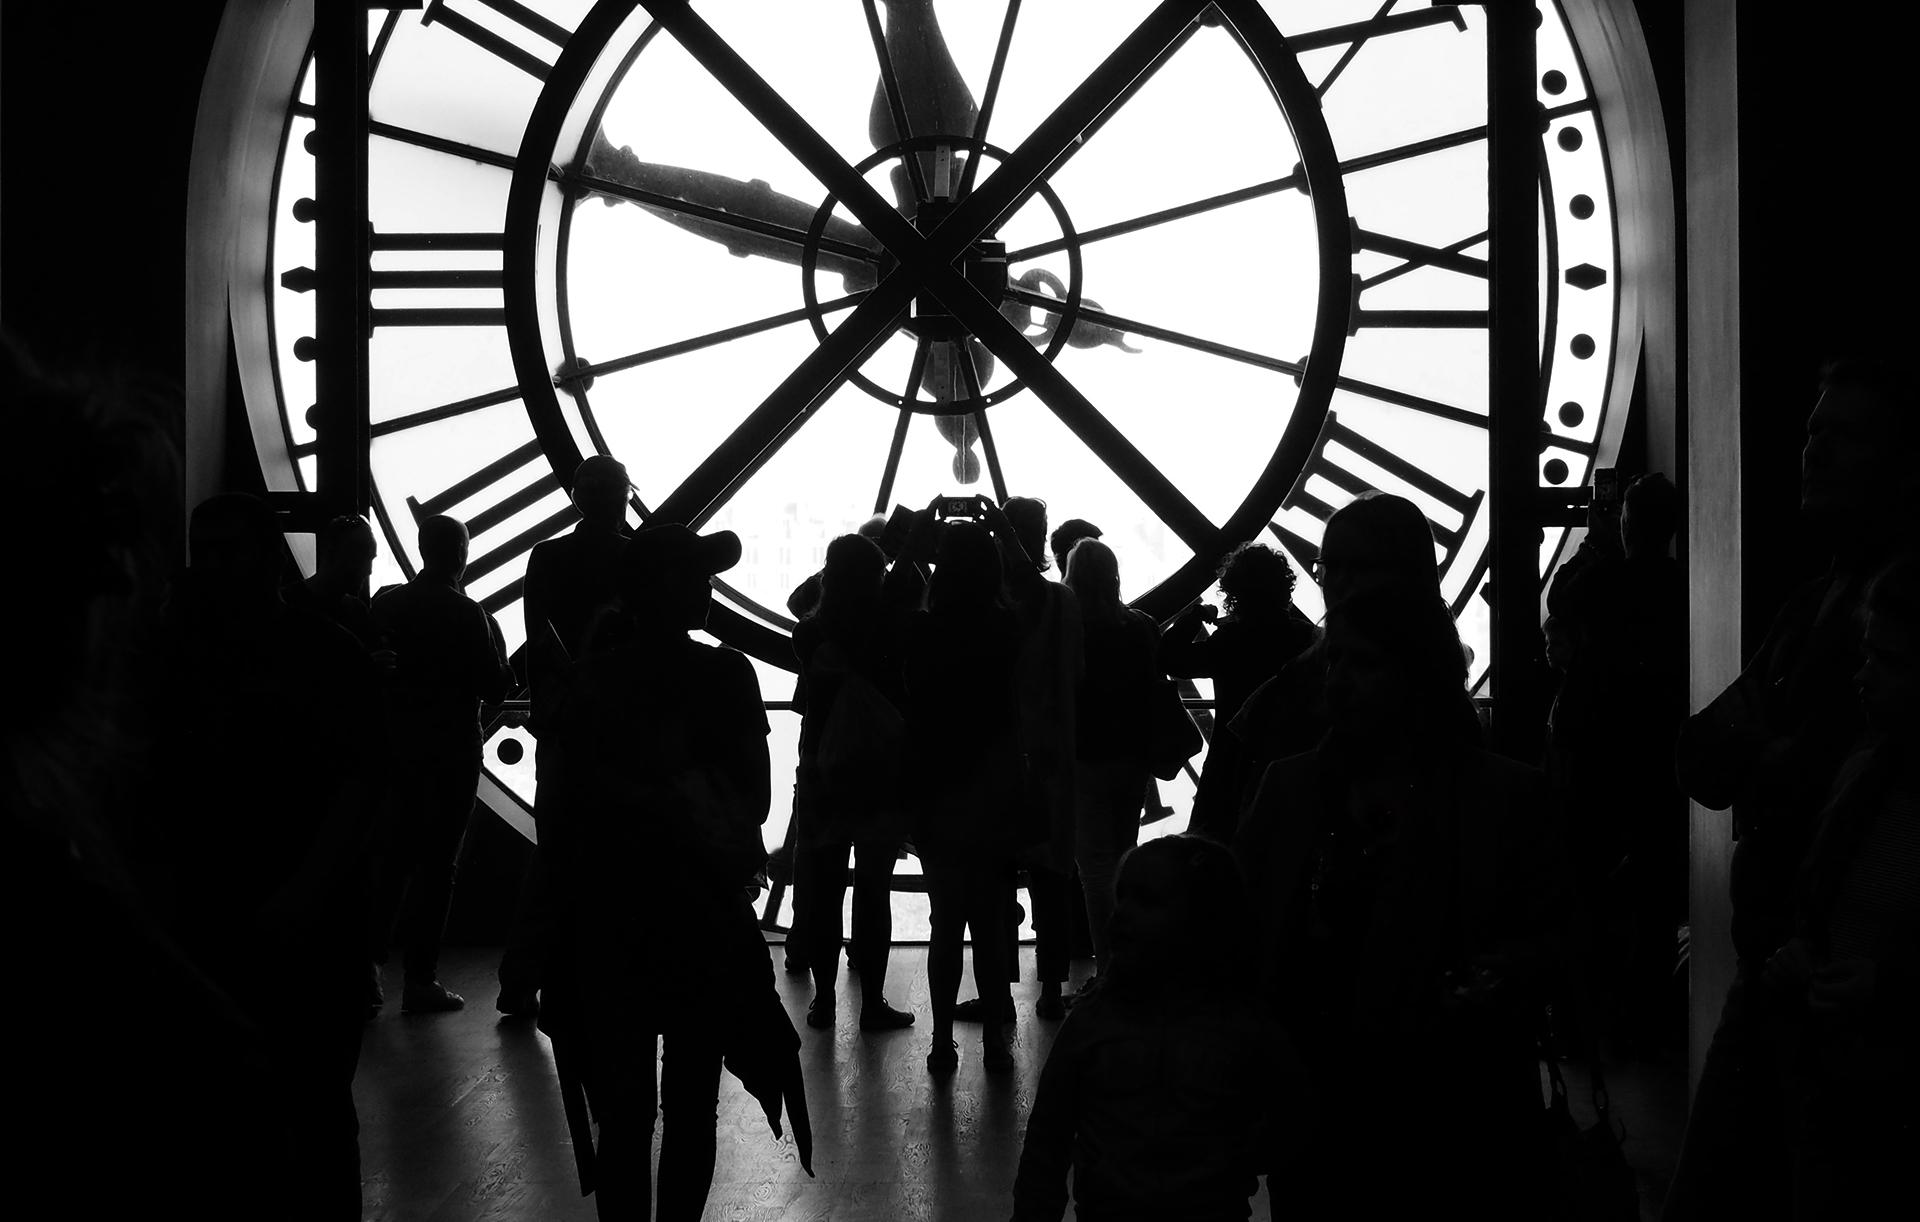 Paris Orsay - Clock